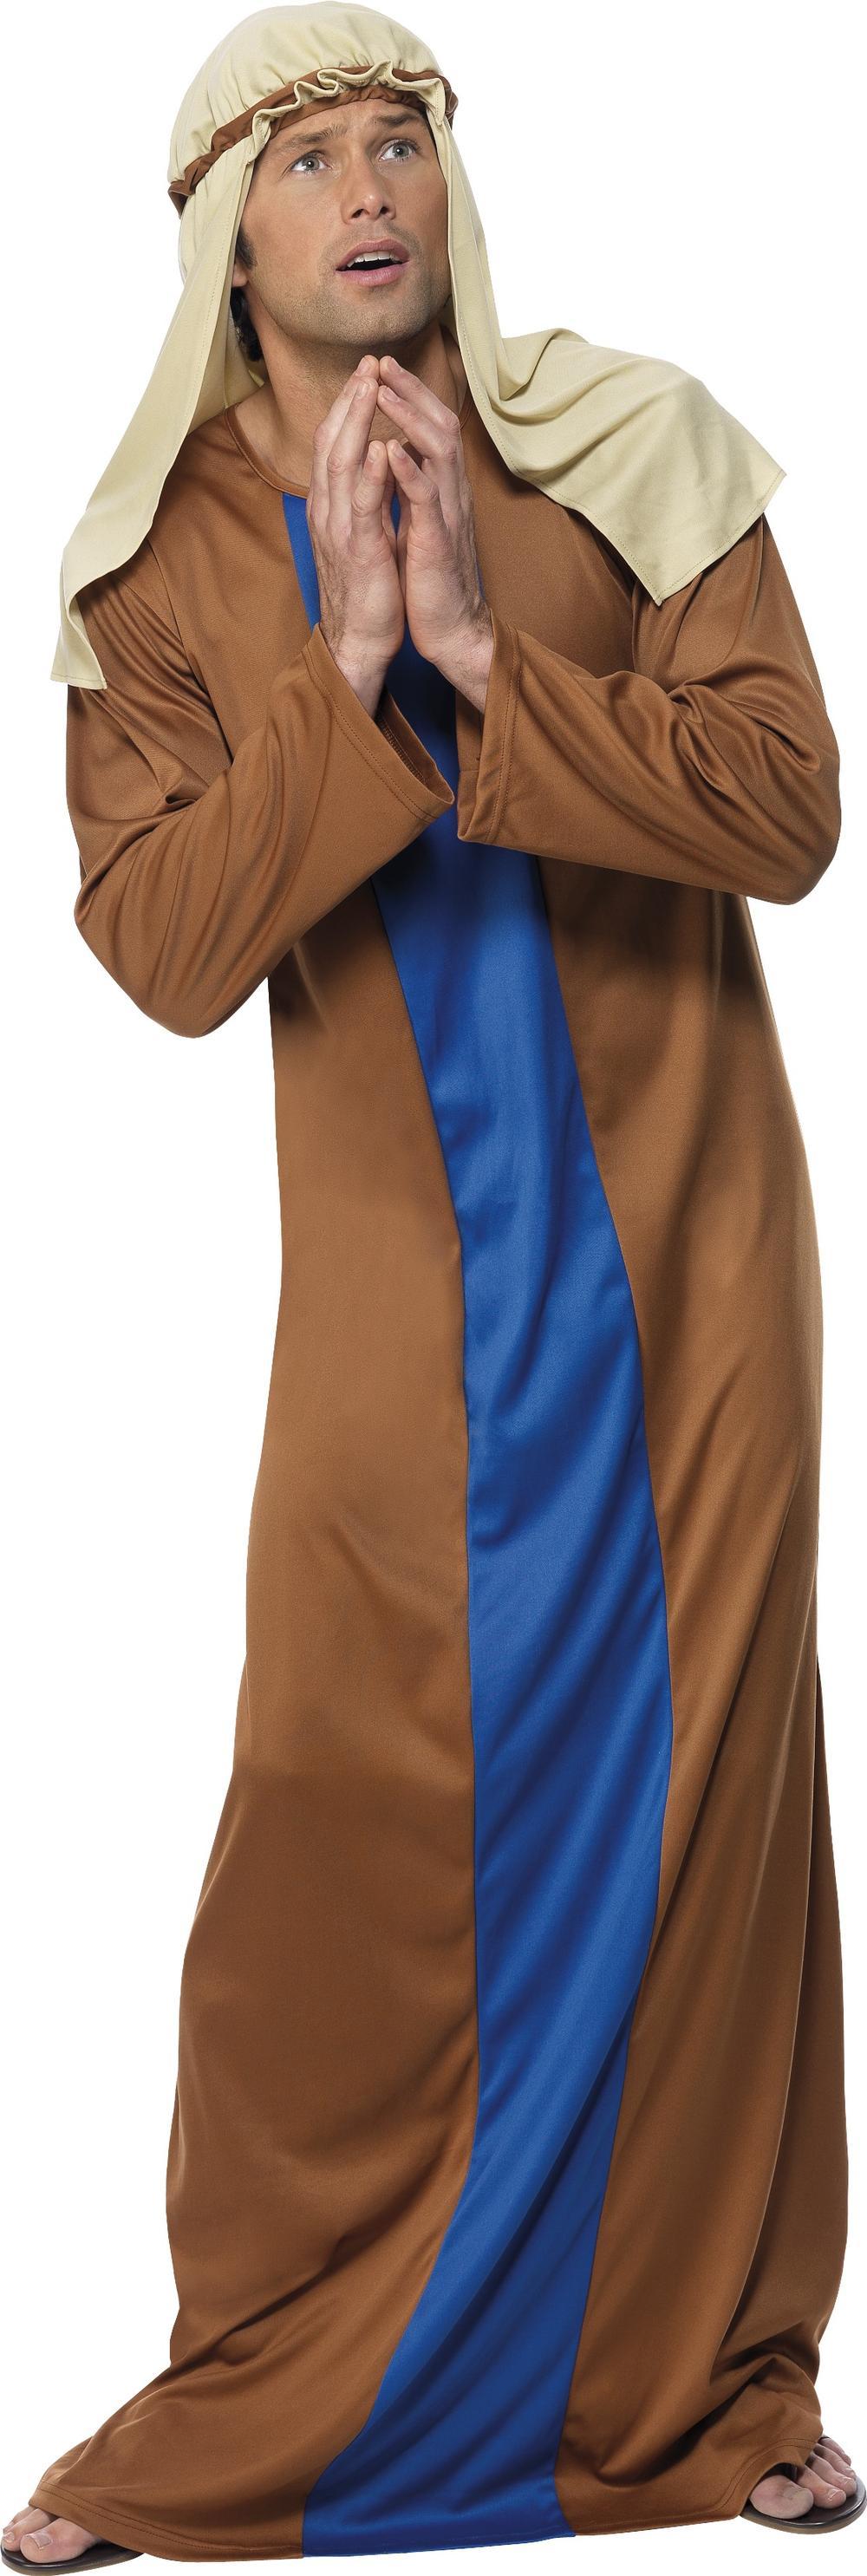 Joseph Mens Costume